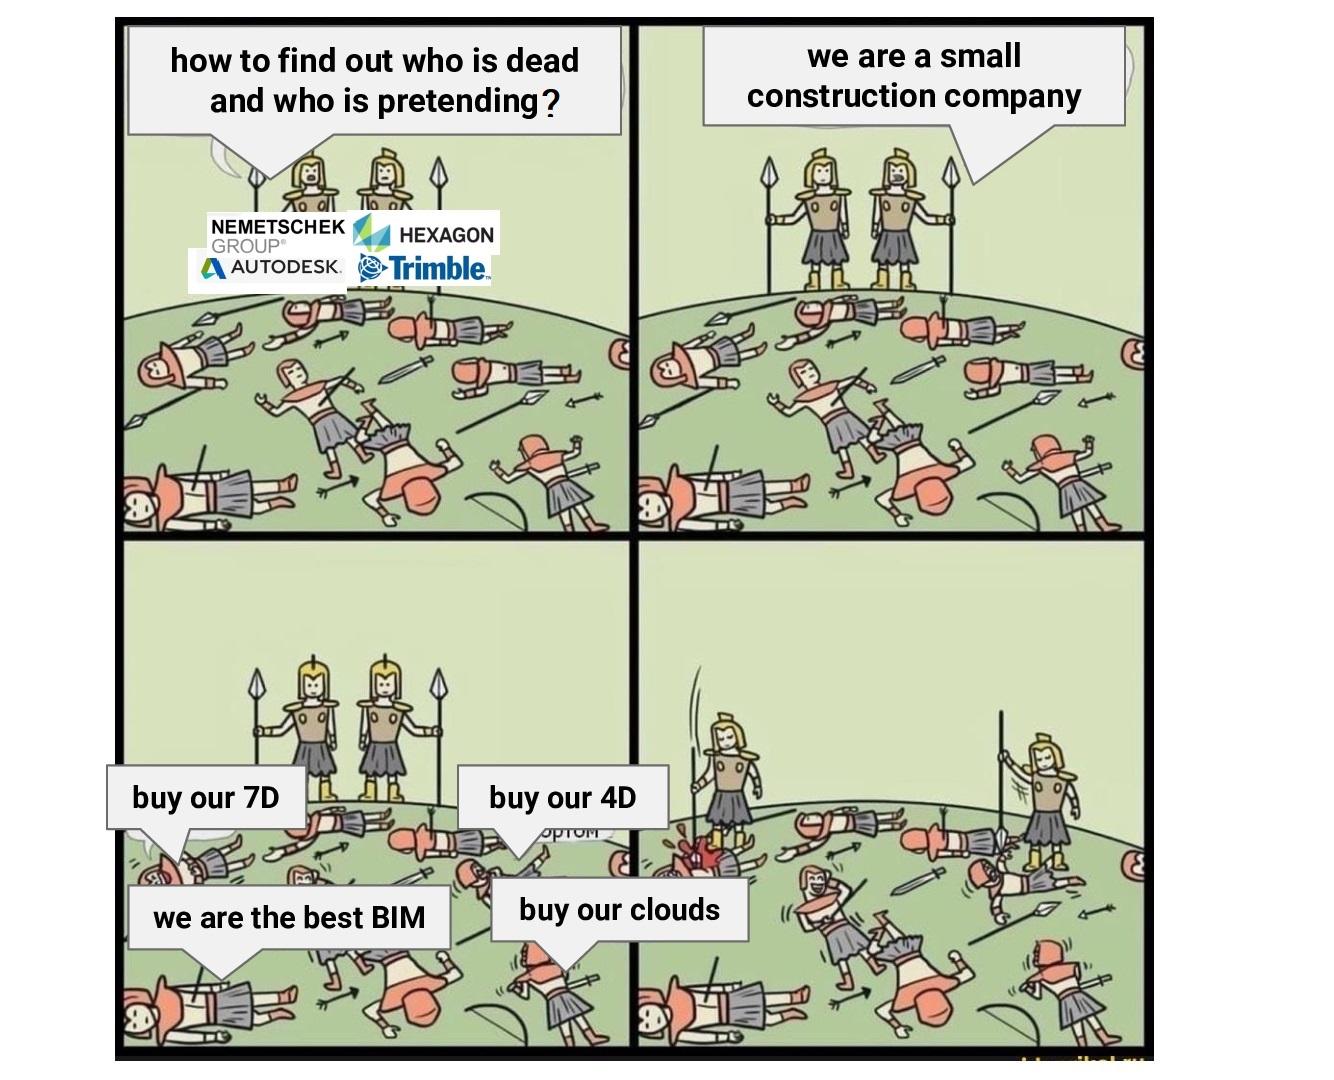 Как узнать кто уже мёртв, а кто ещё нет? Мы маленькая строительная компания.